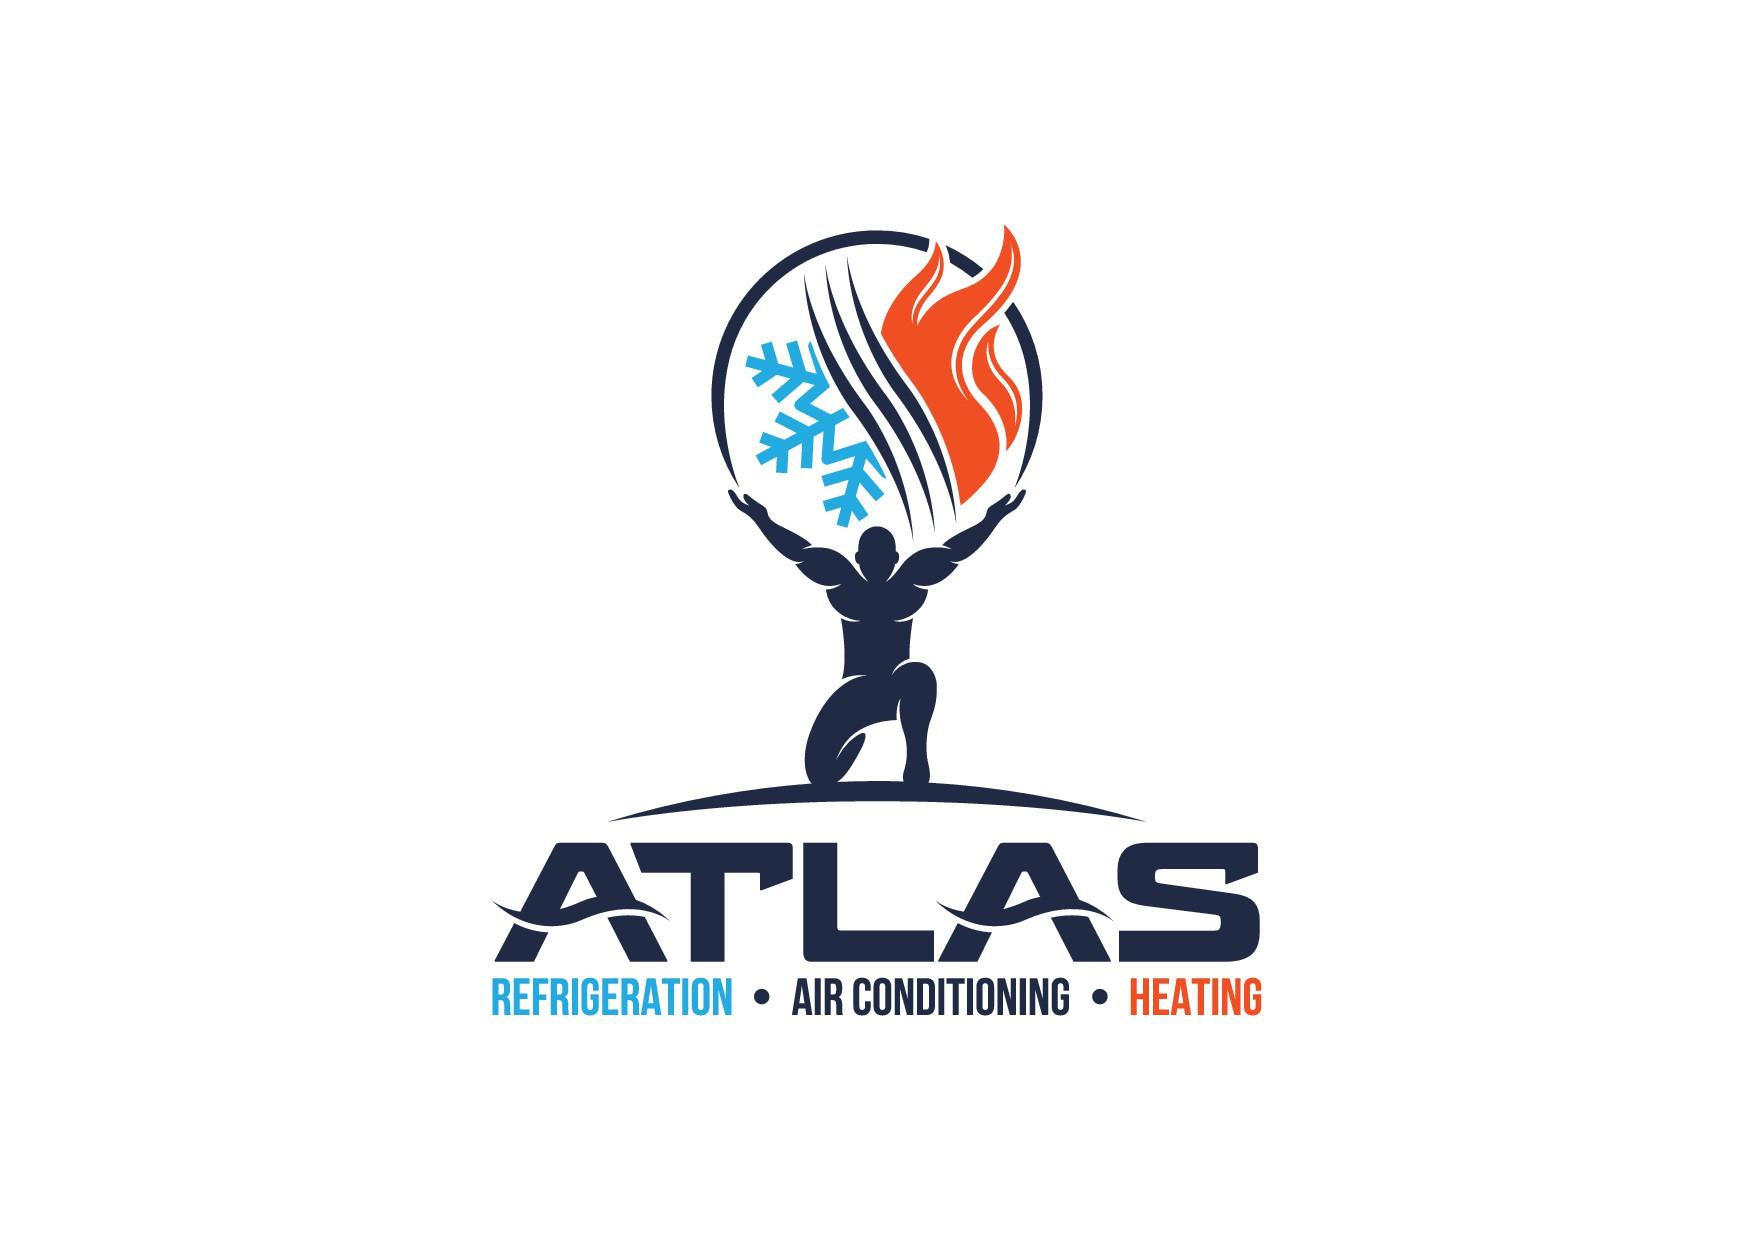 create a eye grabbing image of the titan Atlas